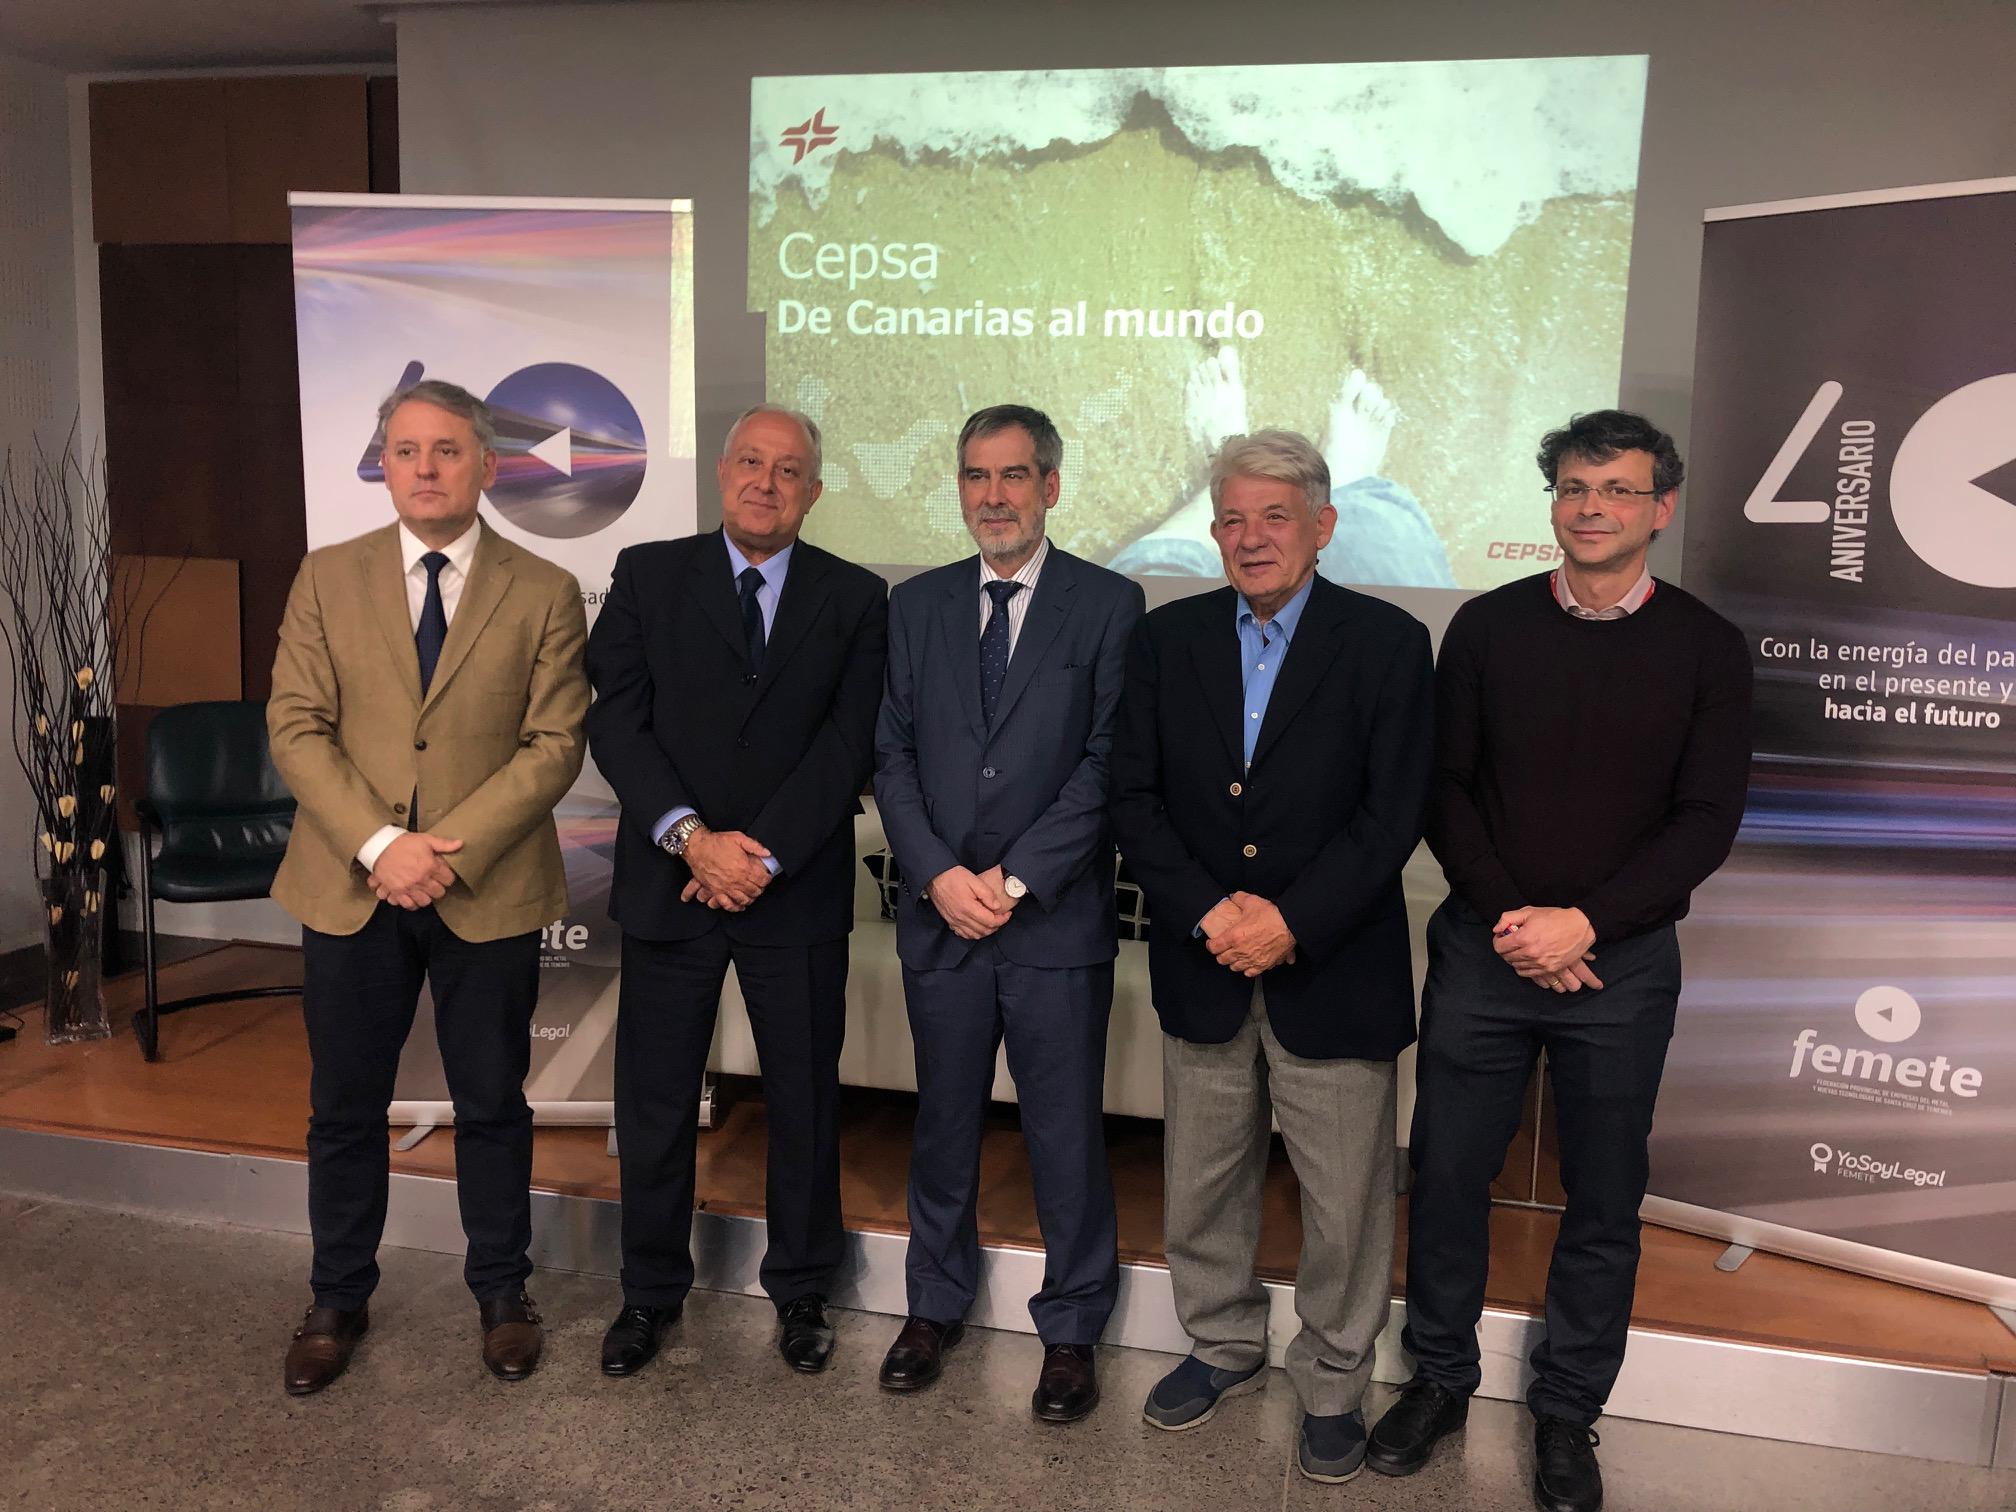 Resultado de imagen de Cepsa y la Federación Provincial de Empresas del Metal y Nuevas Tecnologías de Santa Cruz de Tenerife (Femete